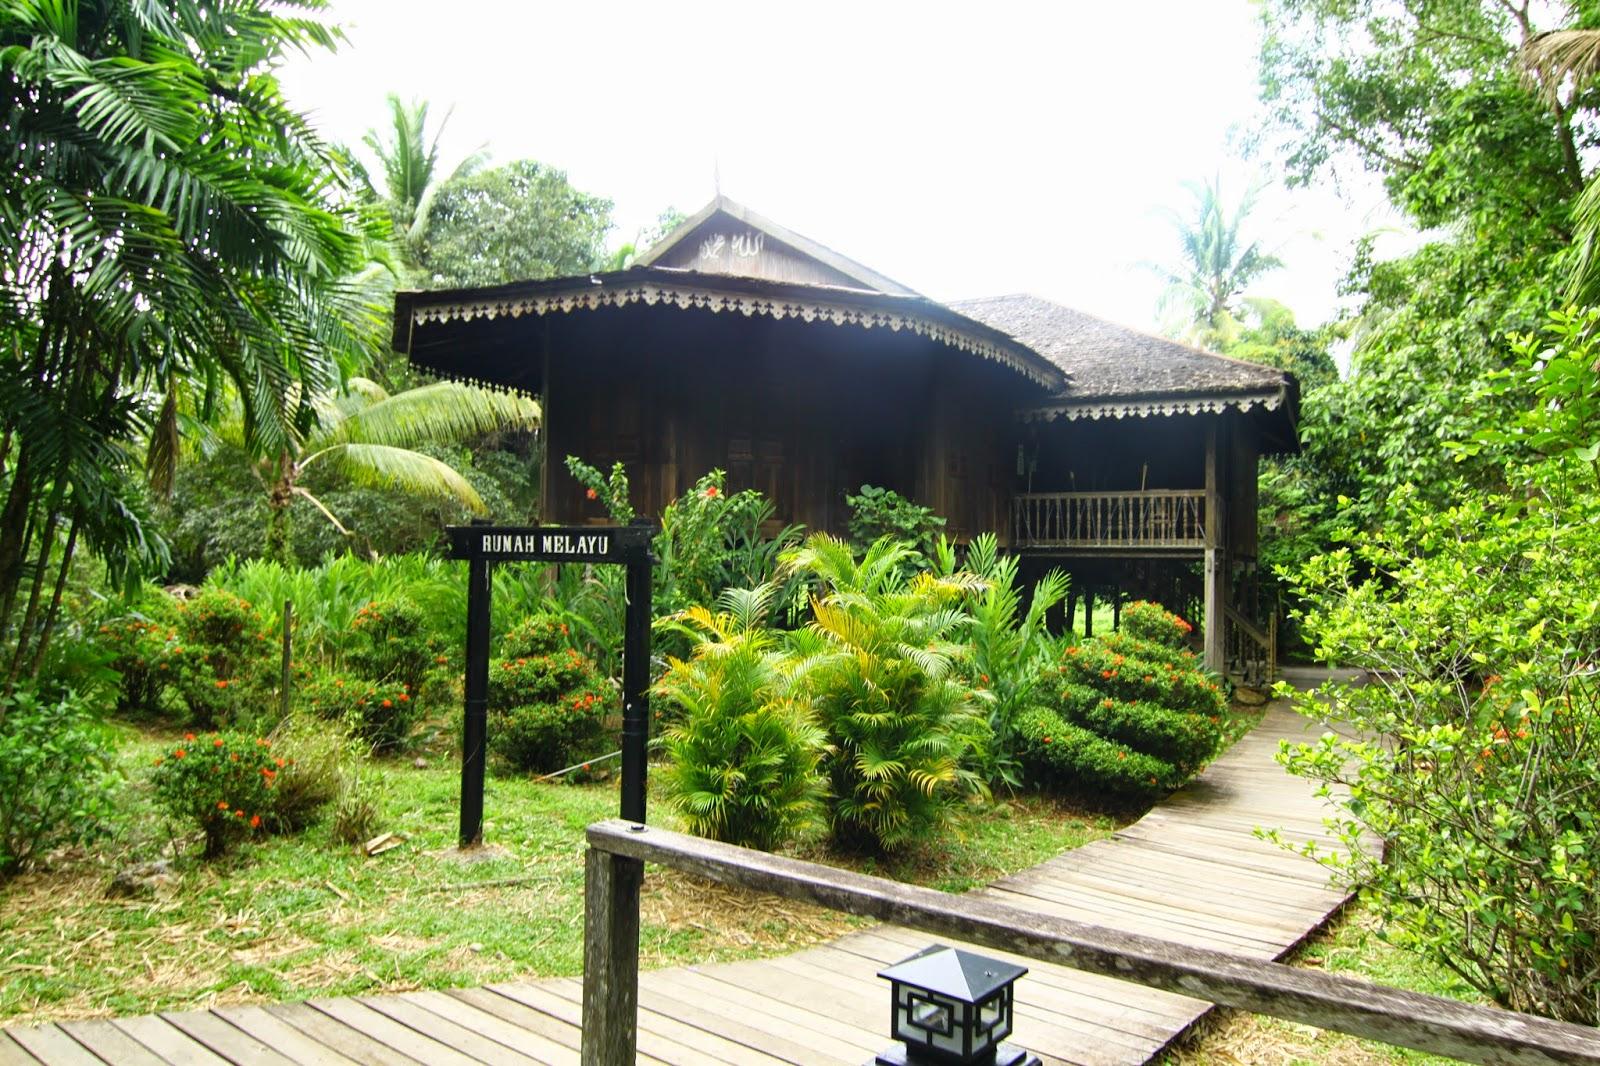 Rumah Melayu Kampung Budaya Sarawak